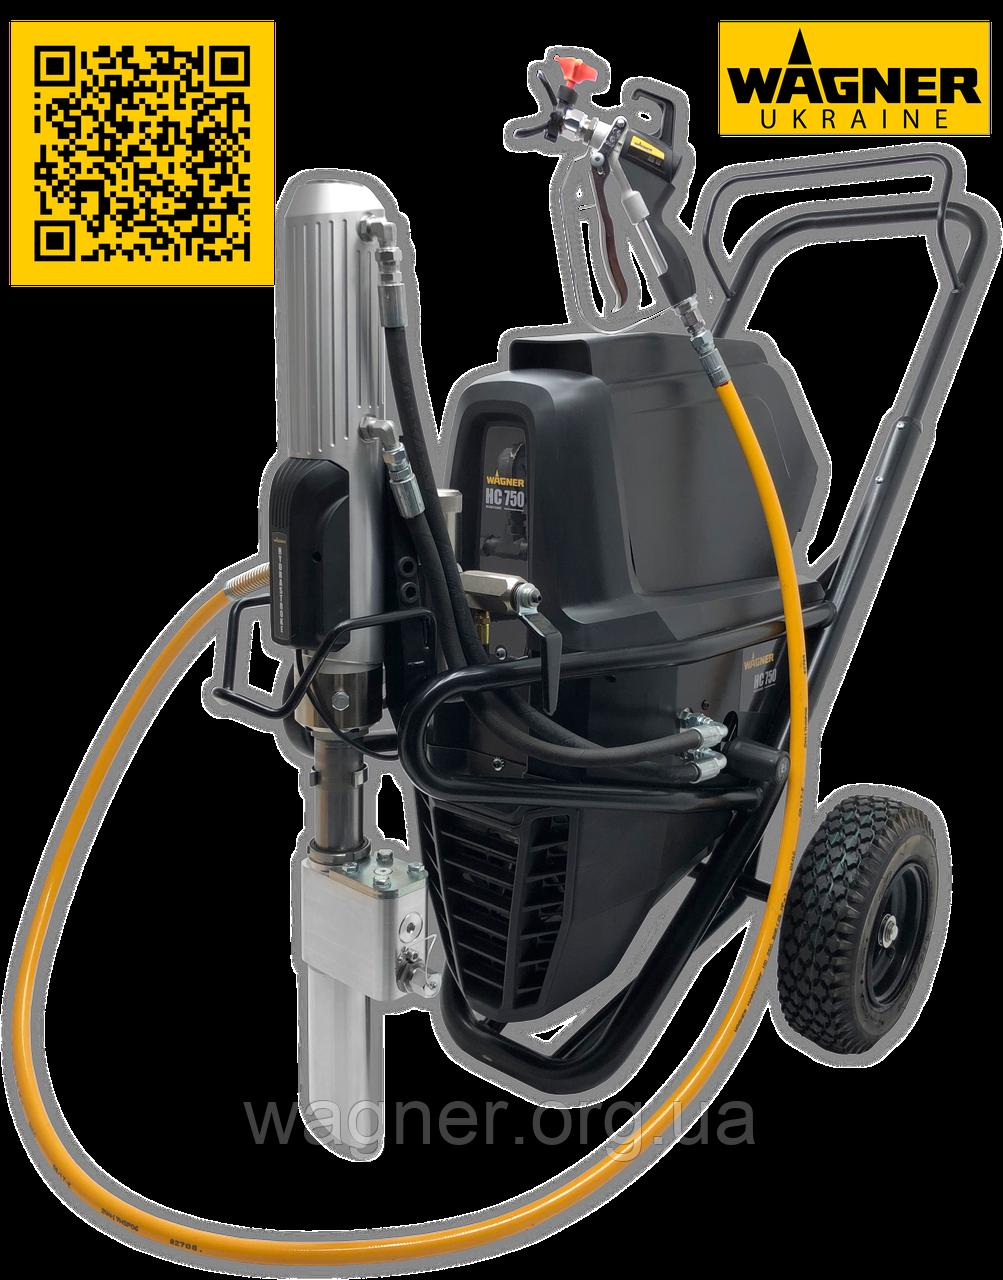 Гидропоршневой агрегат HC 750 E  (электрический привод) Скидка 10%! Количество ограничено!